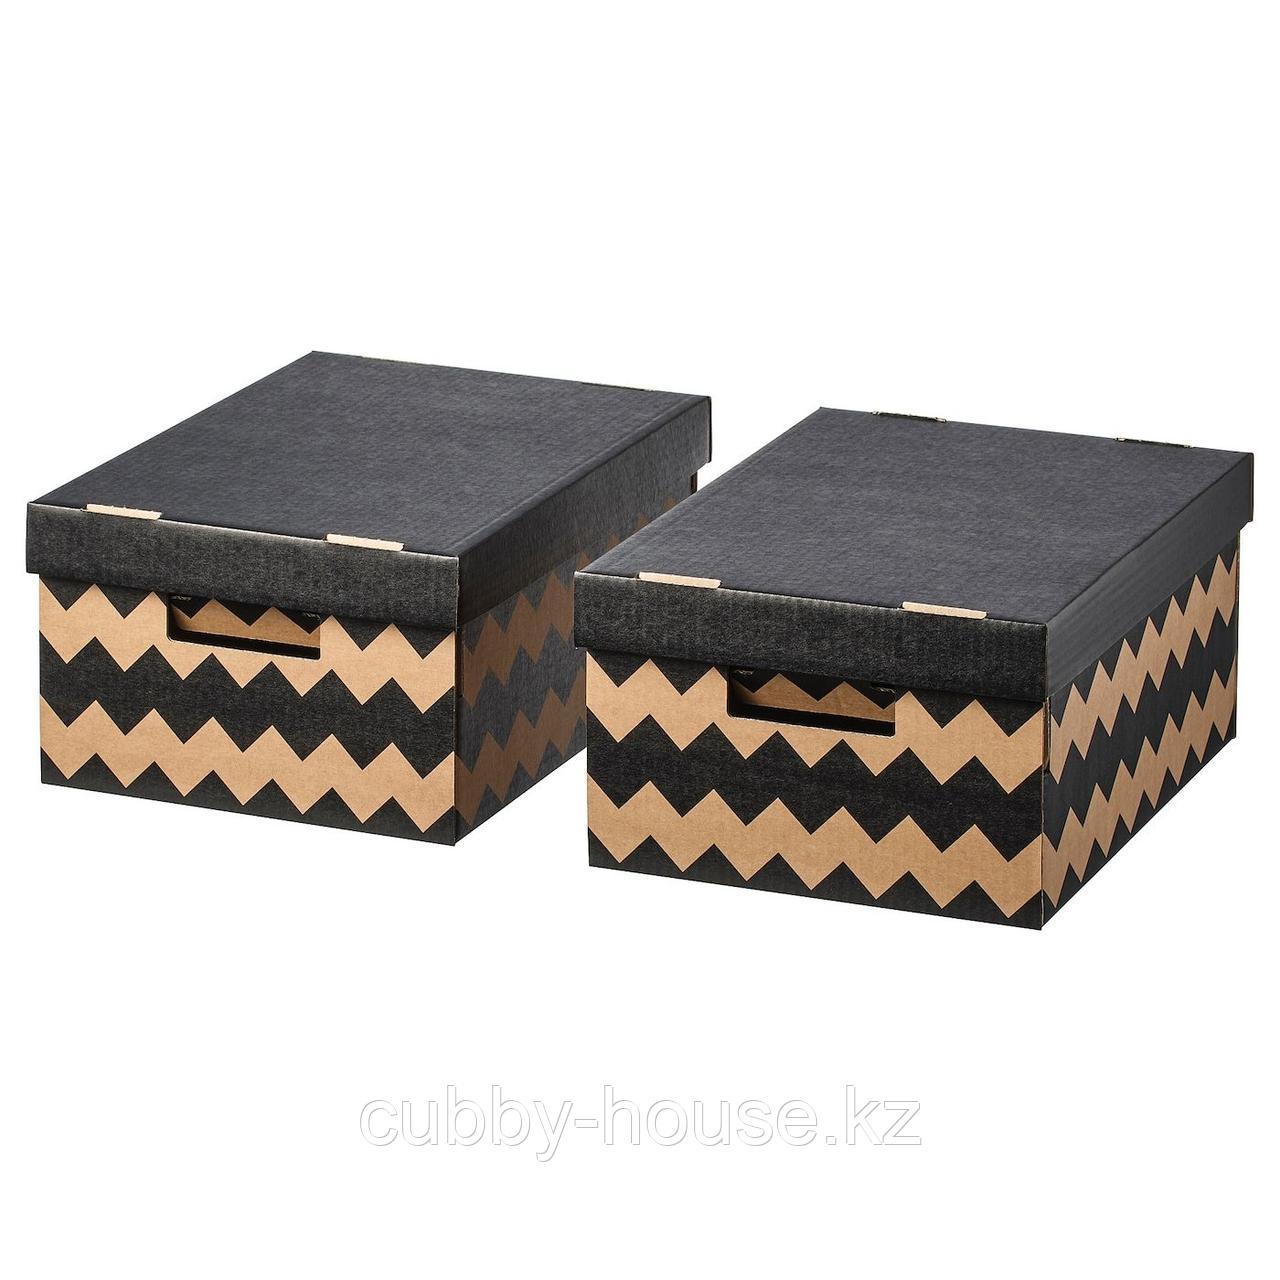 ПИНГЛА Коробка с крышкой, черный, естественный, 28x37x18 см